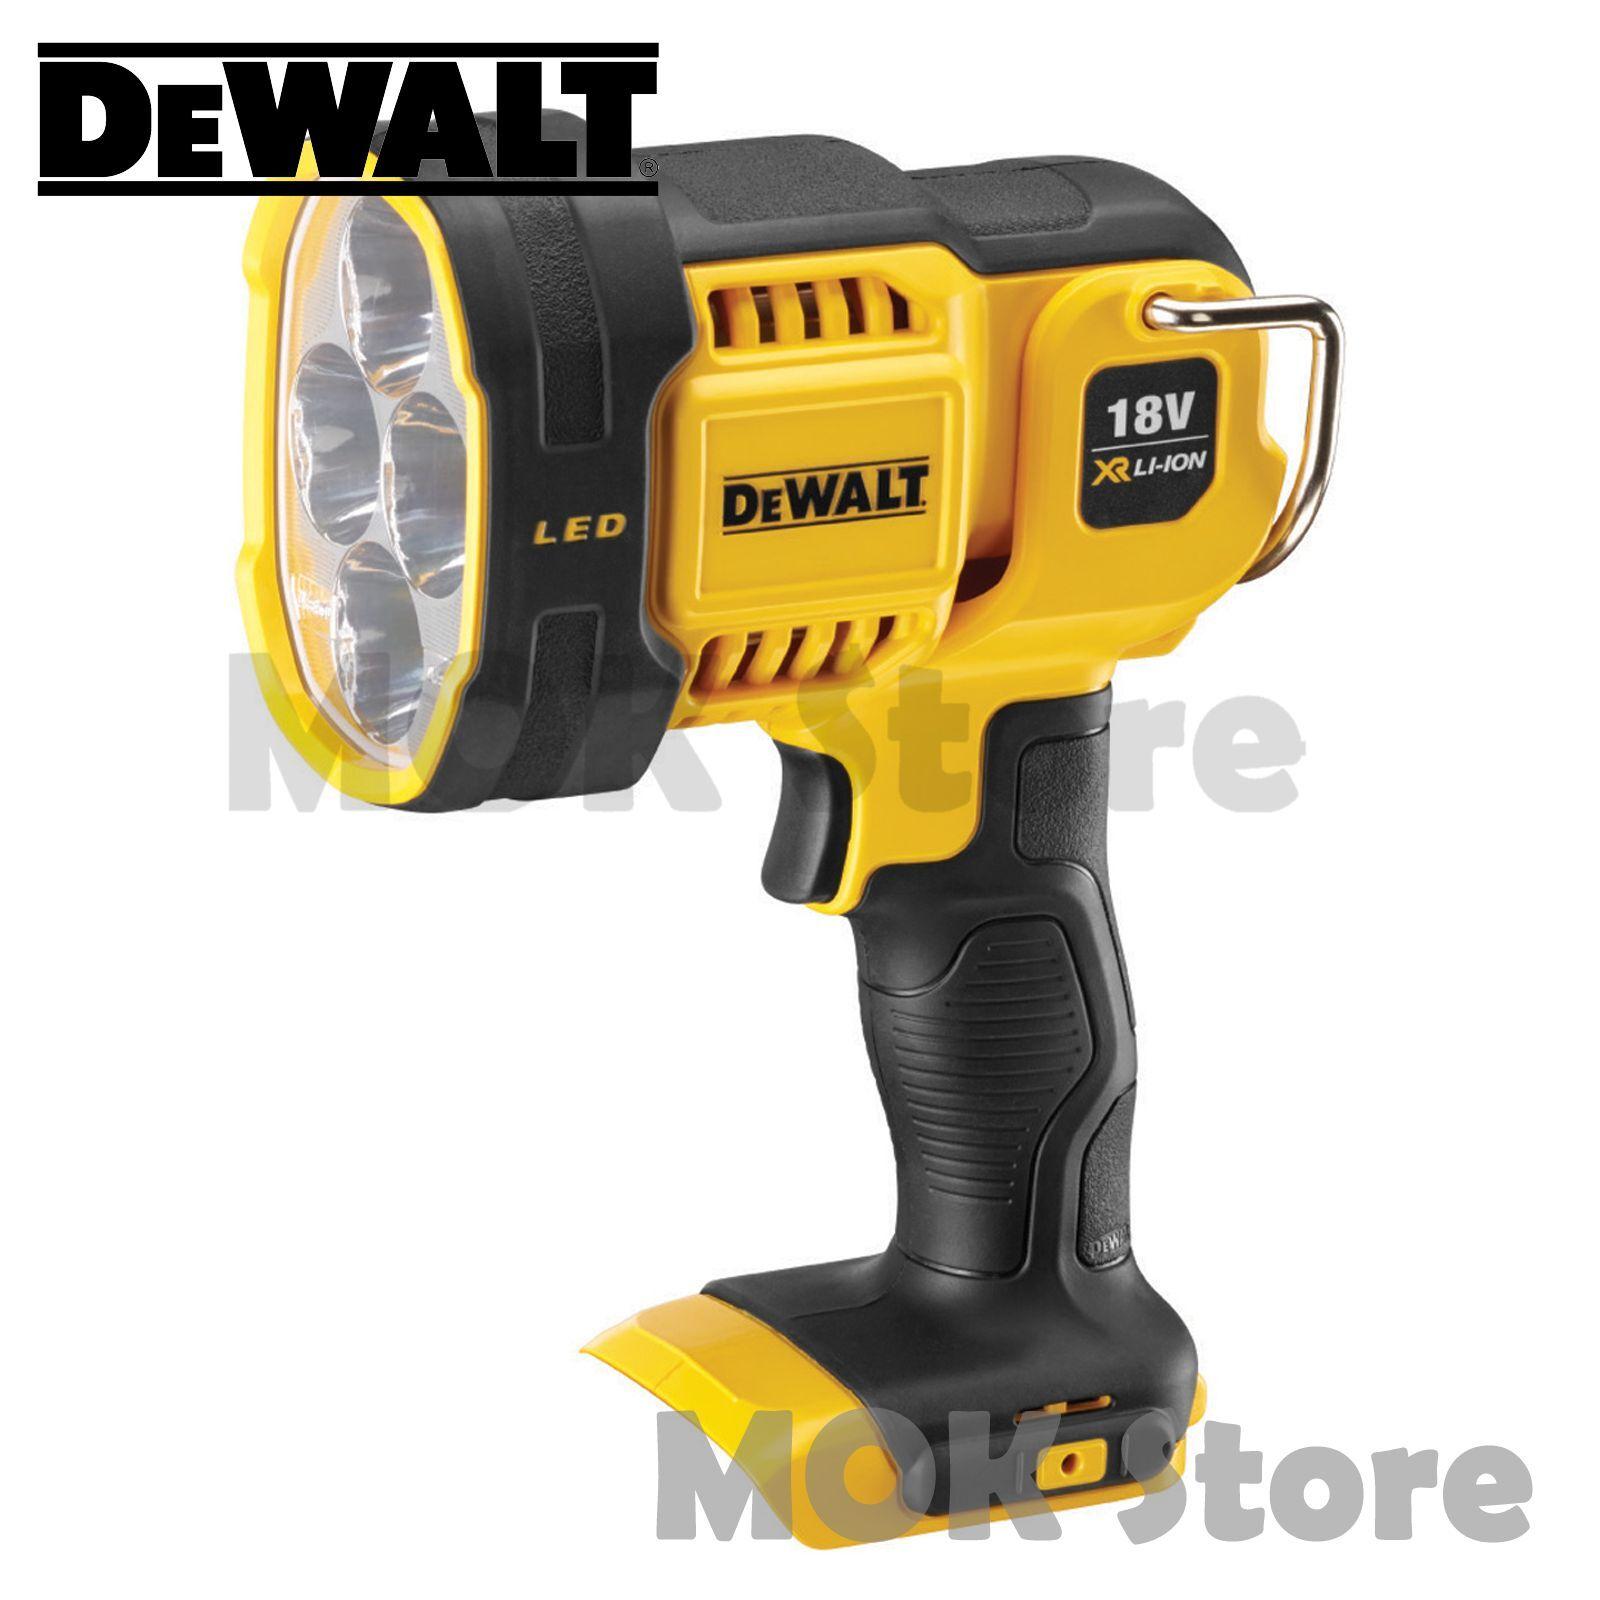 Dewalt Dcl043 Dcl043 N 18v Xr Cordless Led Spotlight Body